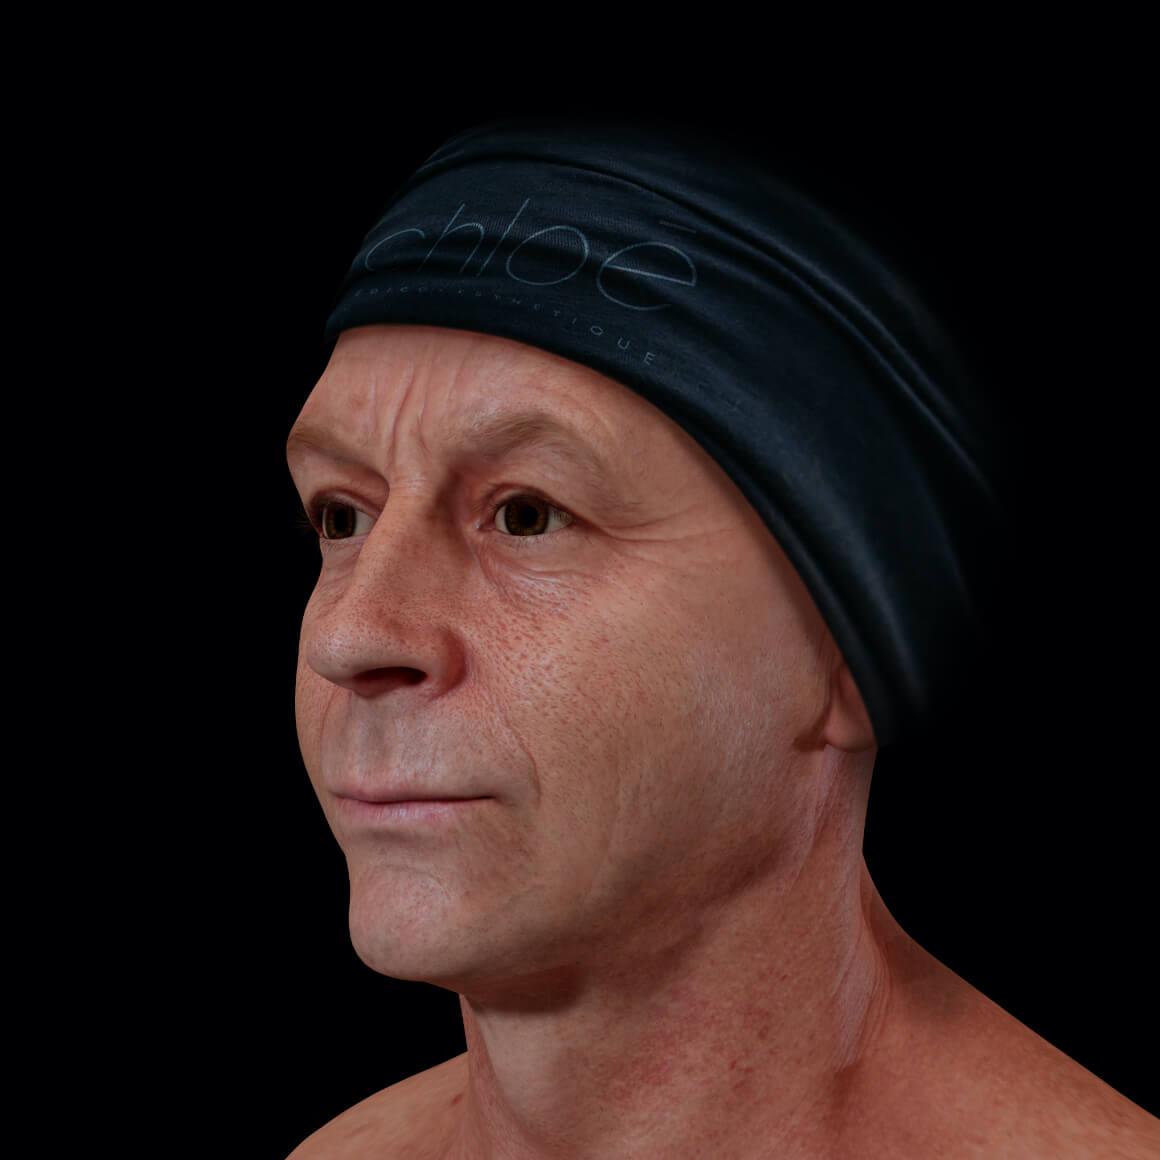 Patient à la Clinique Chloé positionné en angle ayant une peau du visage montrant des pores dilatés